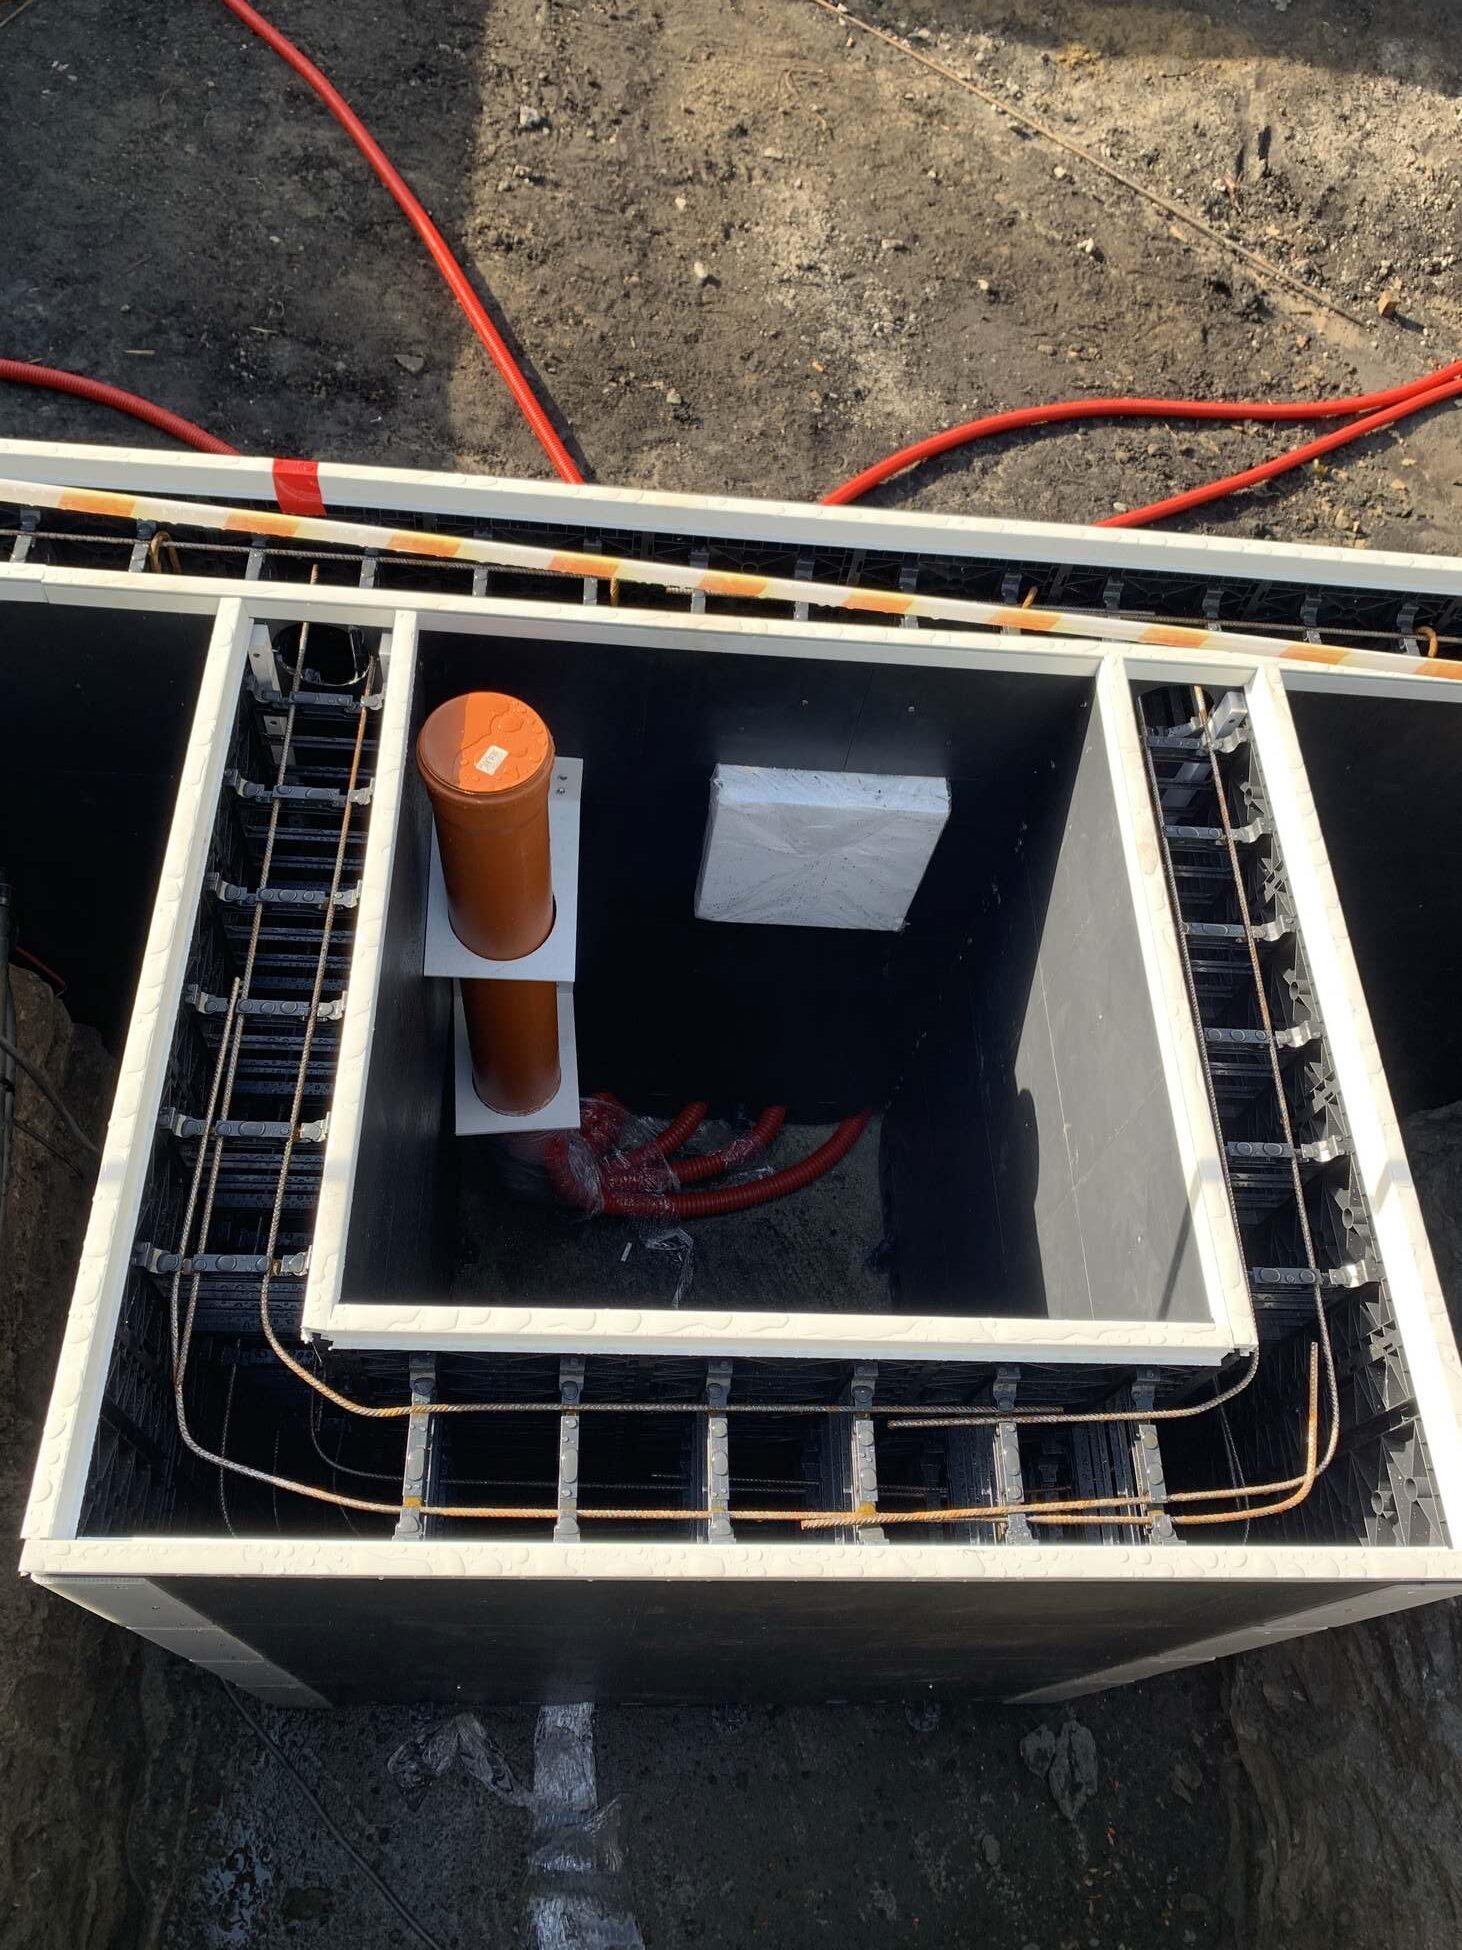 Kolektor odsysania powietrza dla montażu linera